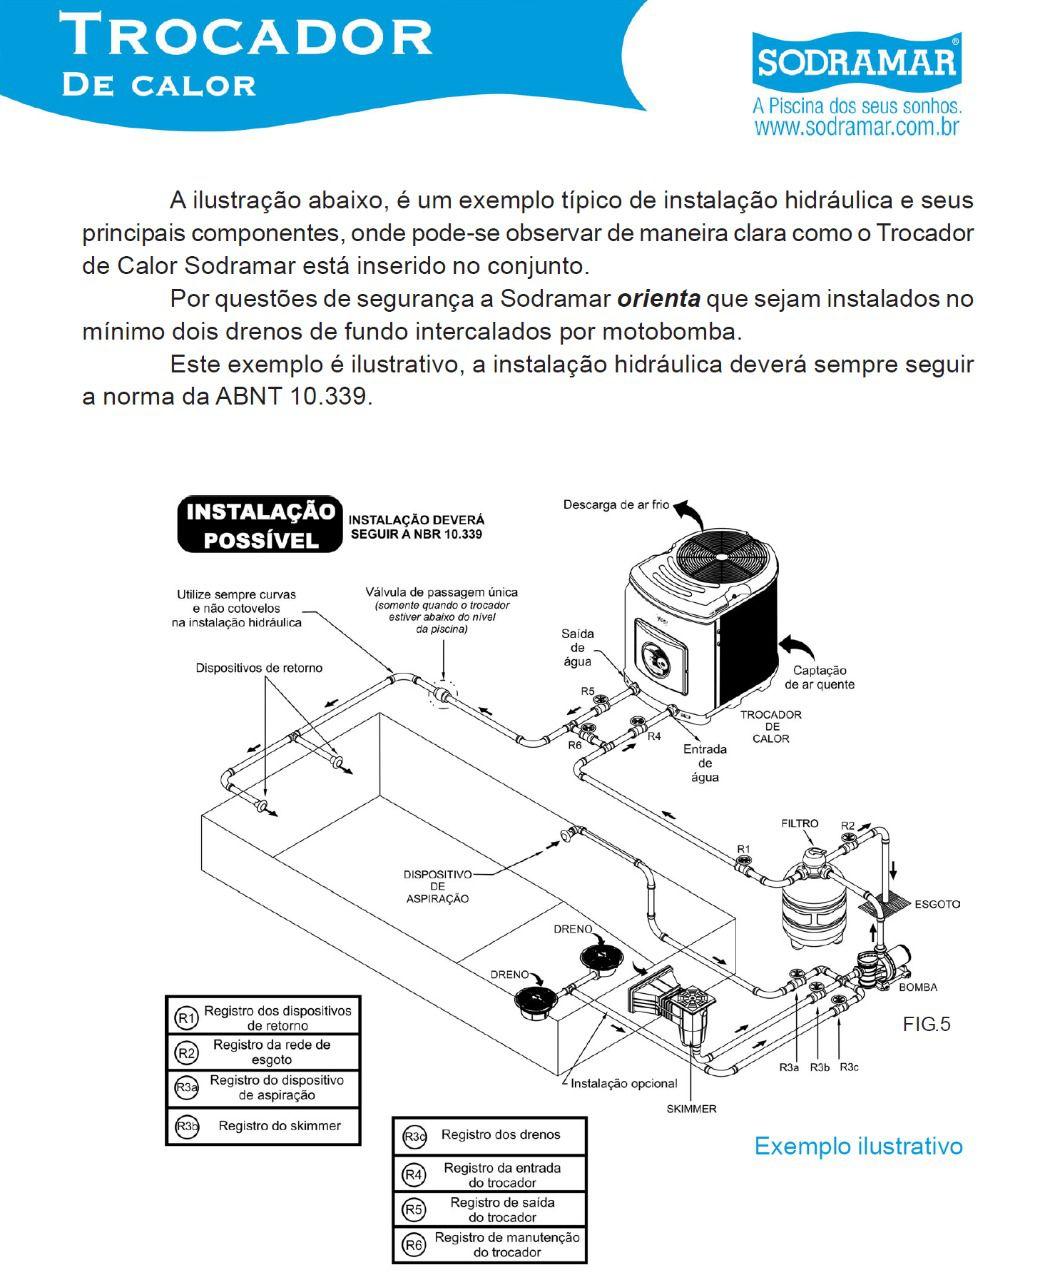 Aquecedor de piscina Yes - Trocador de Calor SD-80 Bif 220V